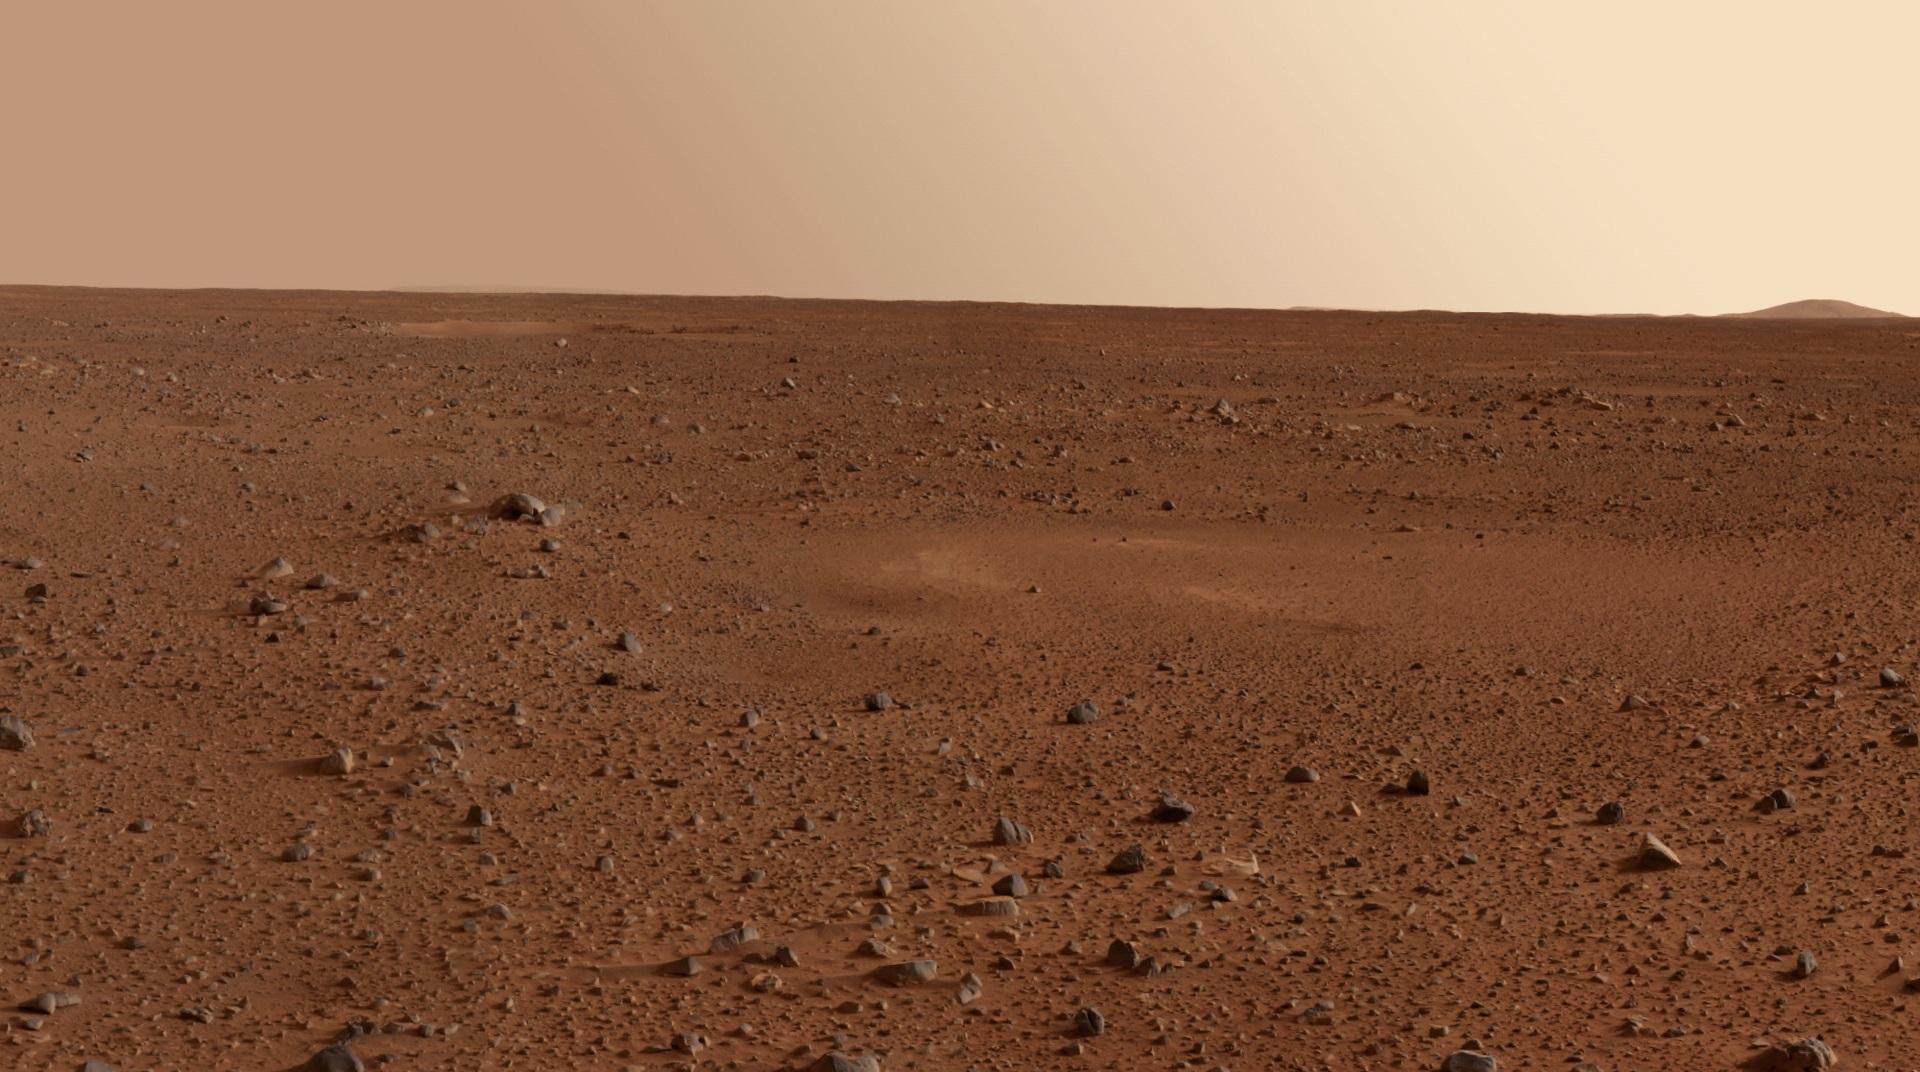 Cómo las muestras de Marte se aislarán para no difundir patógenos